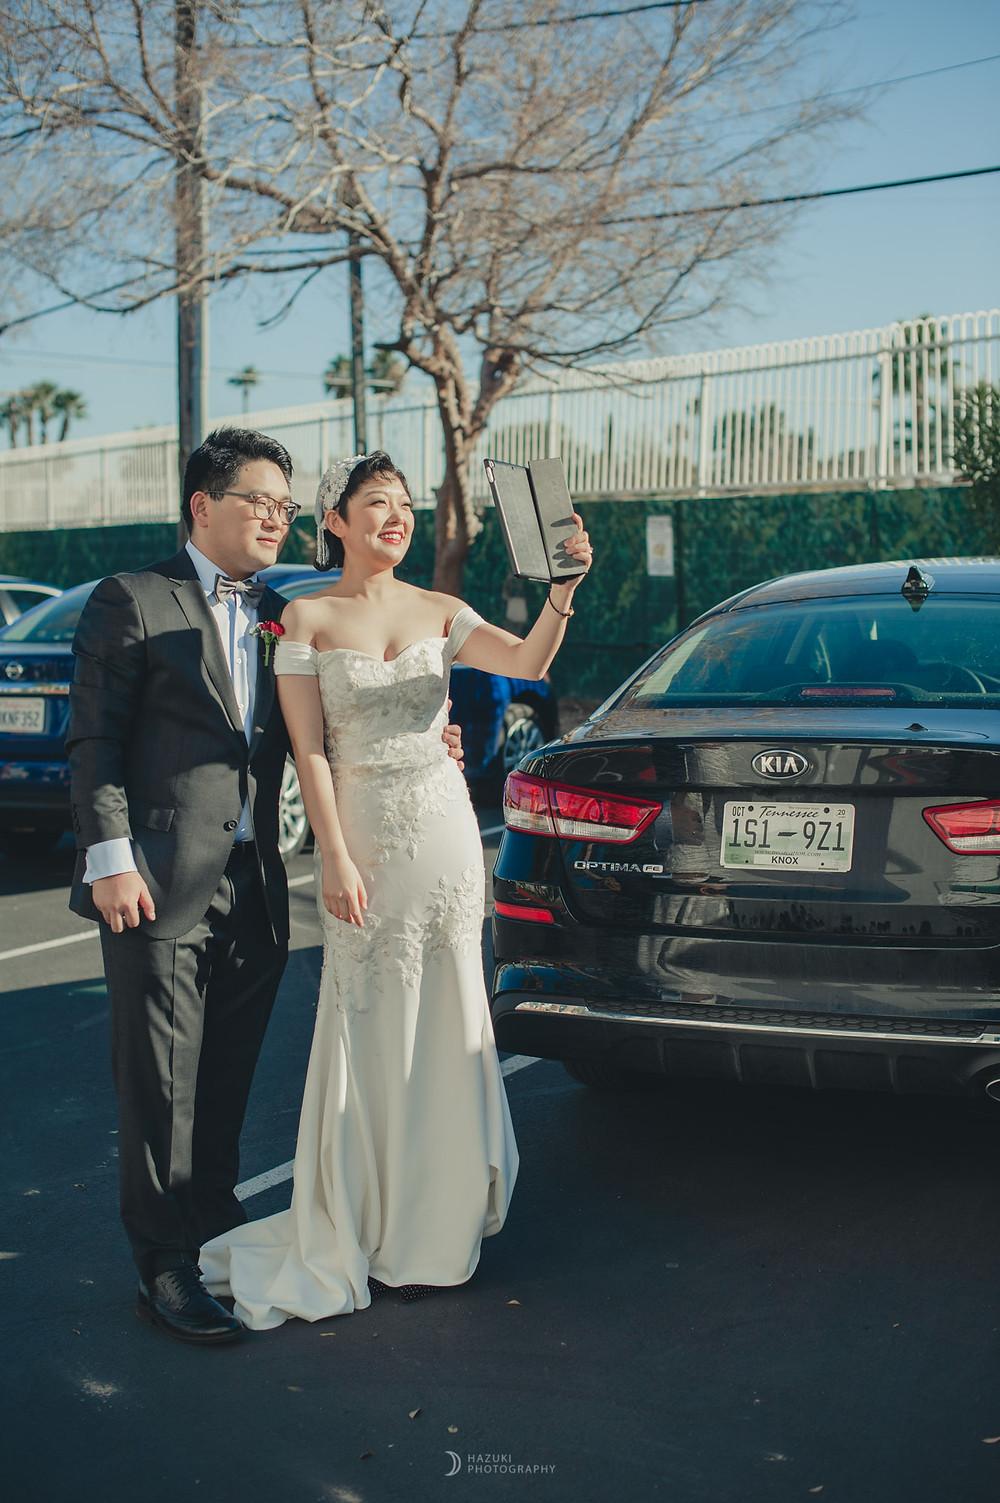 ドライブスルー挙式会場の外でタブレット端末の家族と電話する新郎新婦